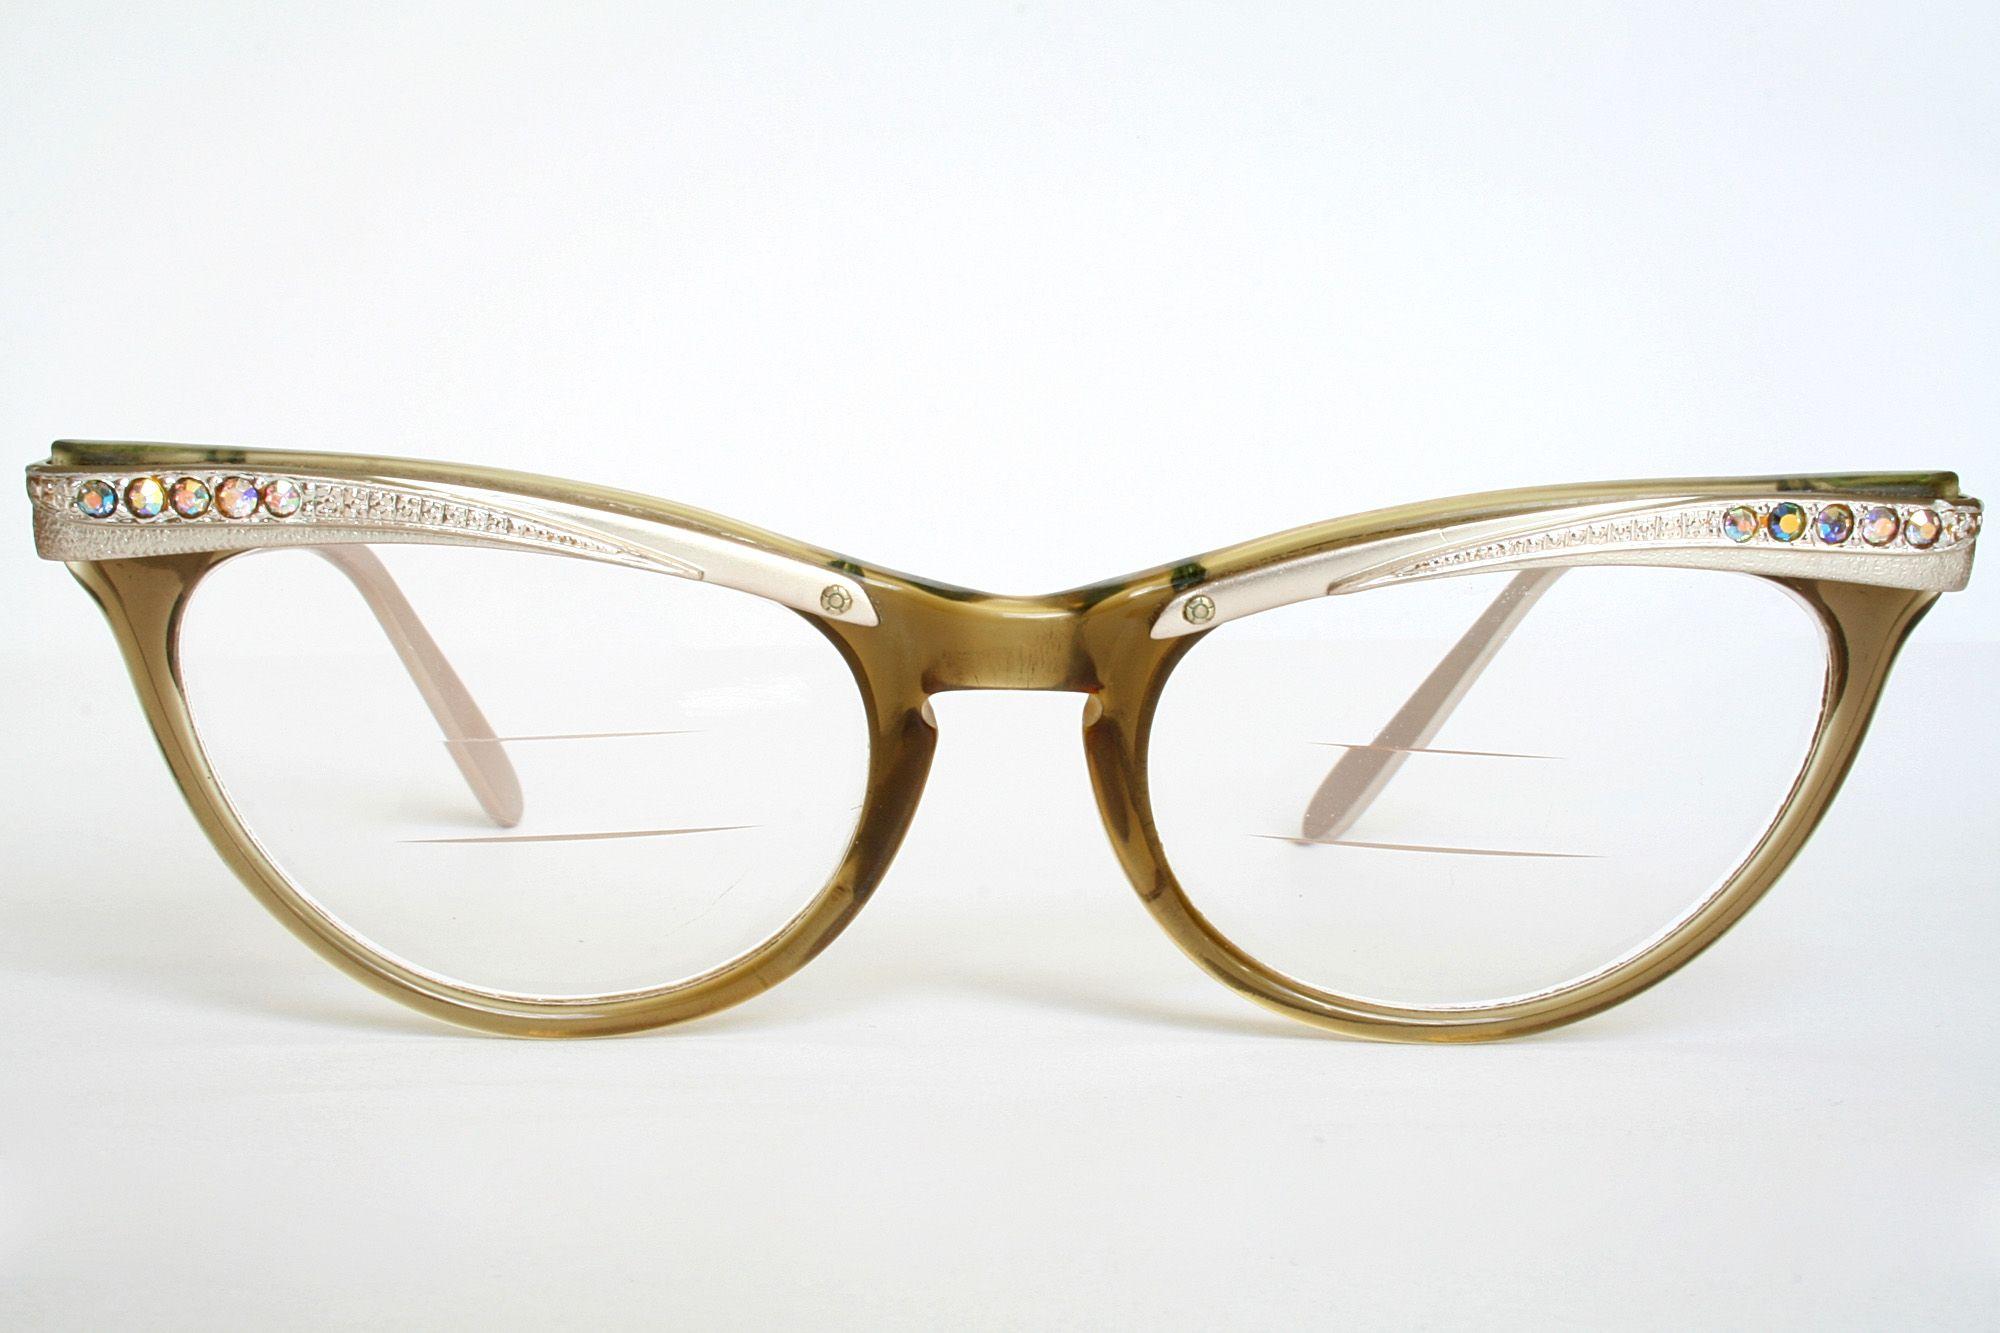 Cat Eye Rhinestone Eyeglass Frames : 1950s Cat Eye Glasses with rhinestones Vintage ...